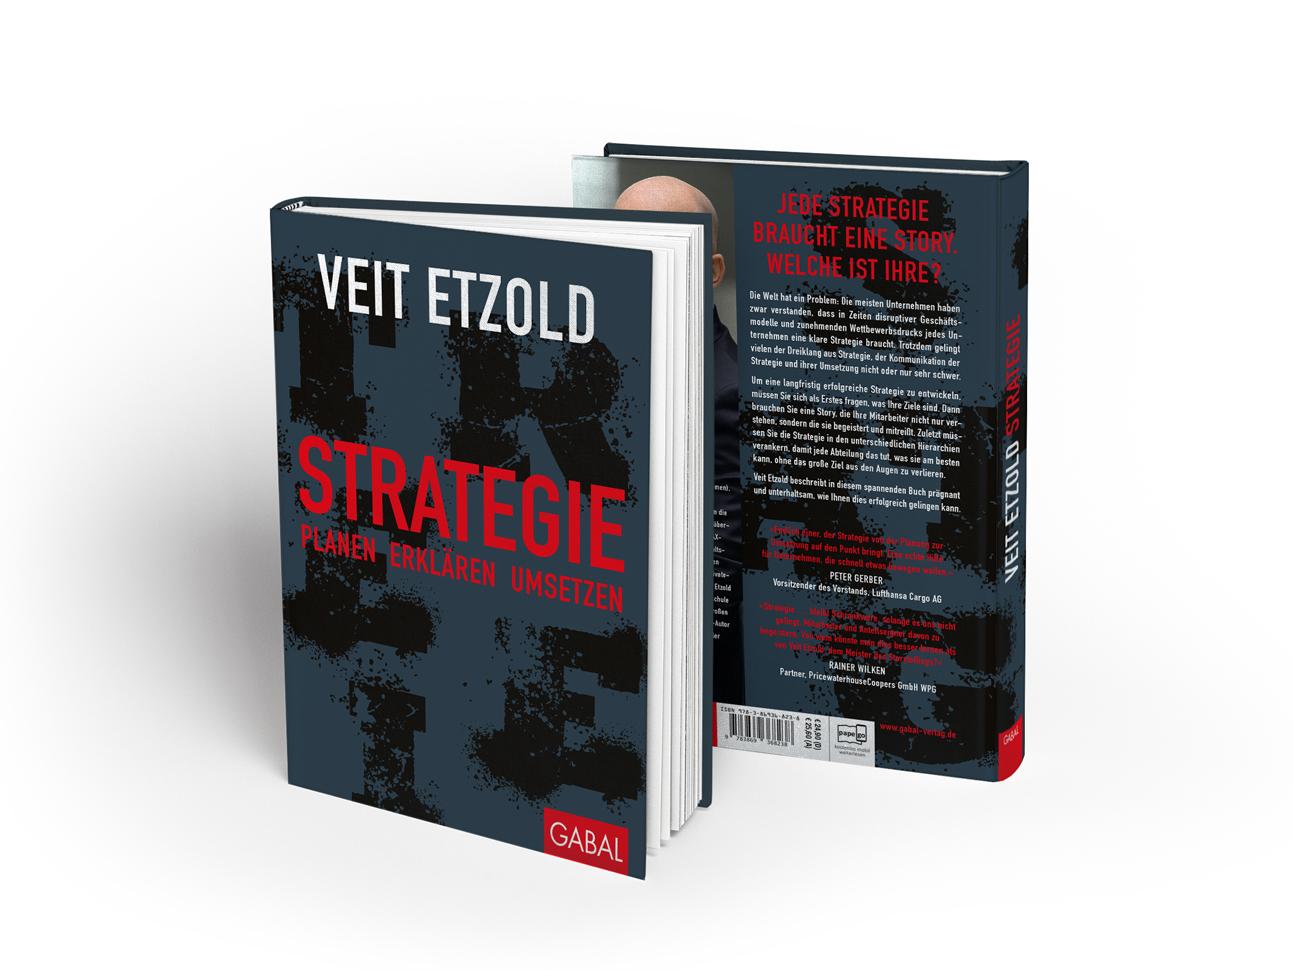 martin zech design, buchcover gestaltung, gabal verlag, veit etzold, strategie